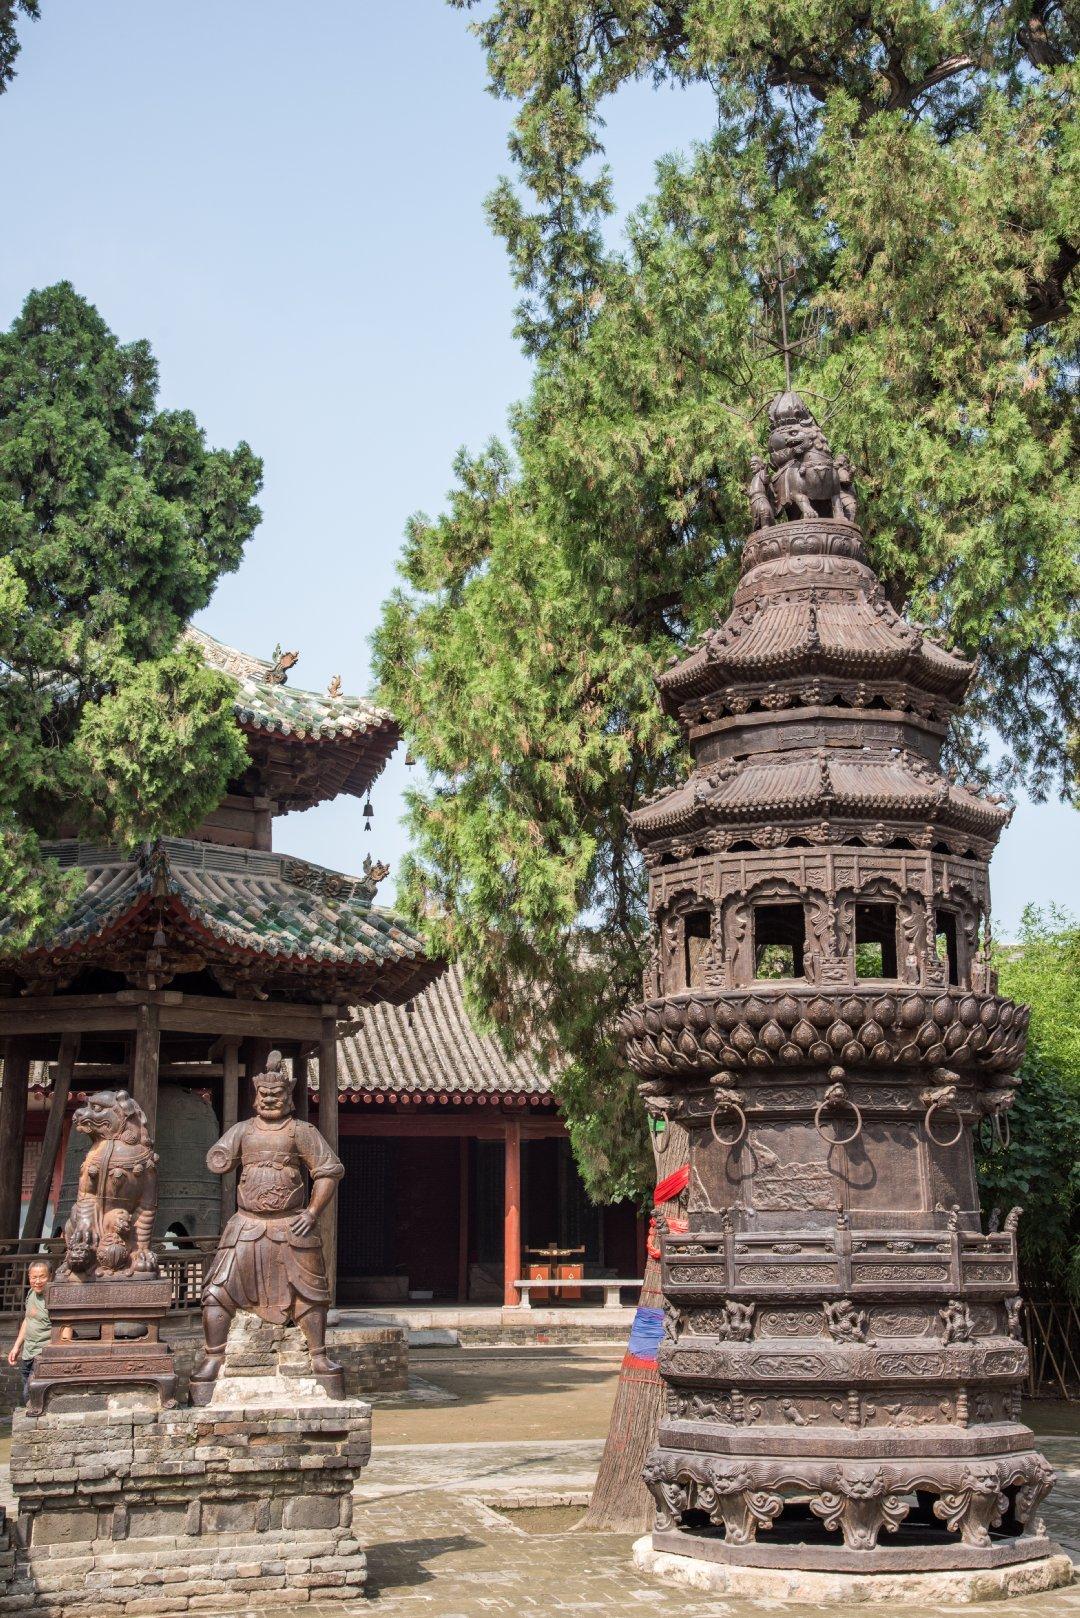 山西运城解州关帝庙,有两座保存完整的明代铁质焚炉